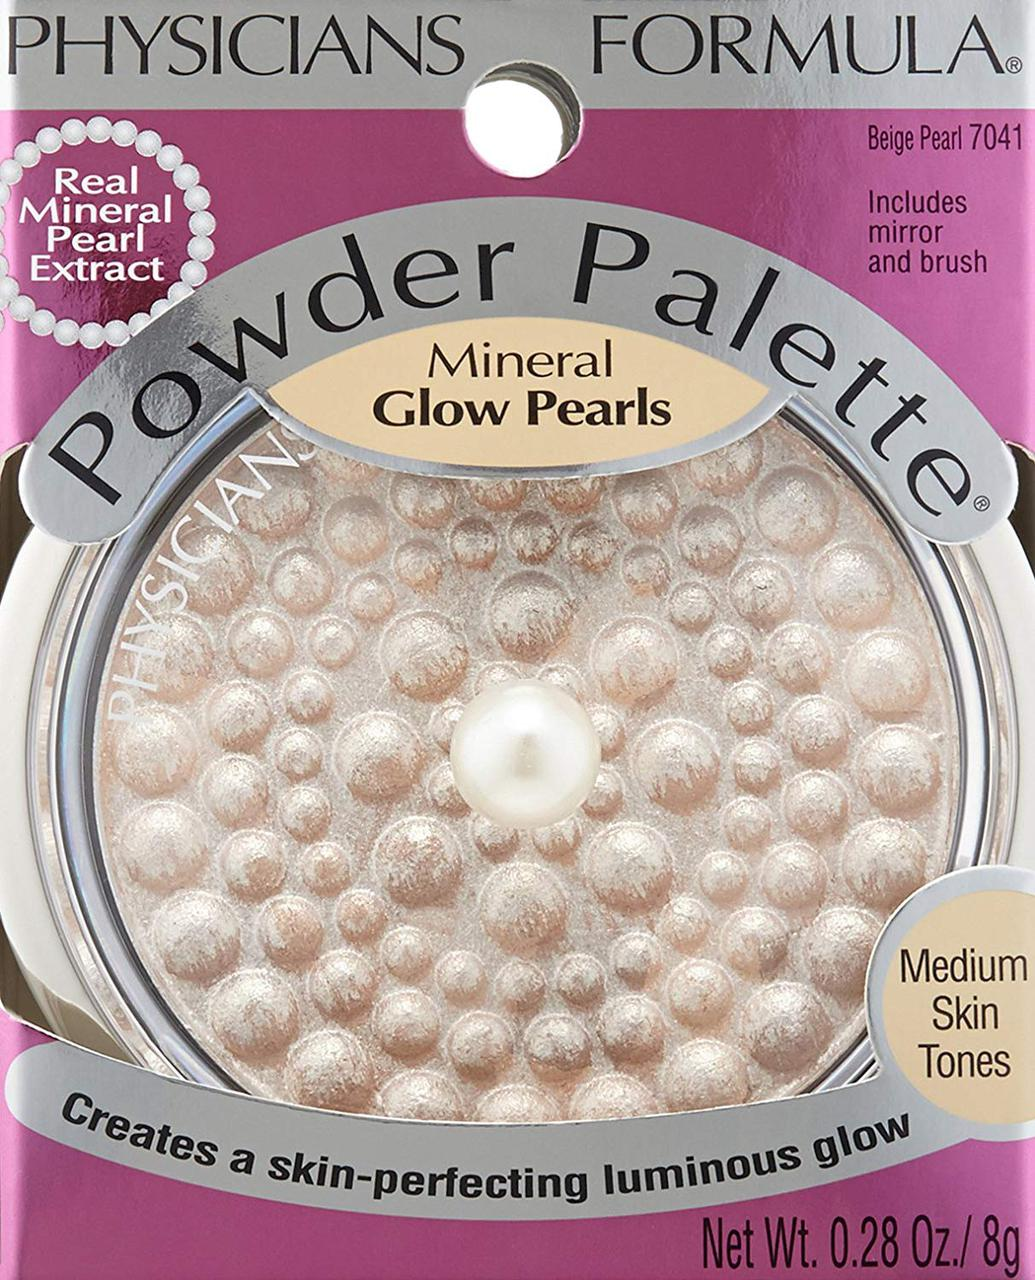 Минеральная пудра-хайлайтер Physicians Formula Powder Mineral Glow Pearls жемчужно-бежевый